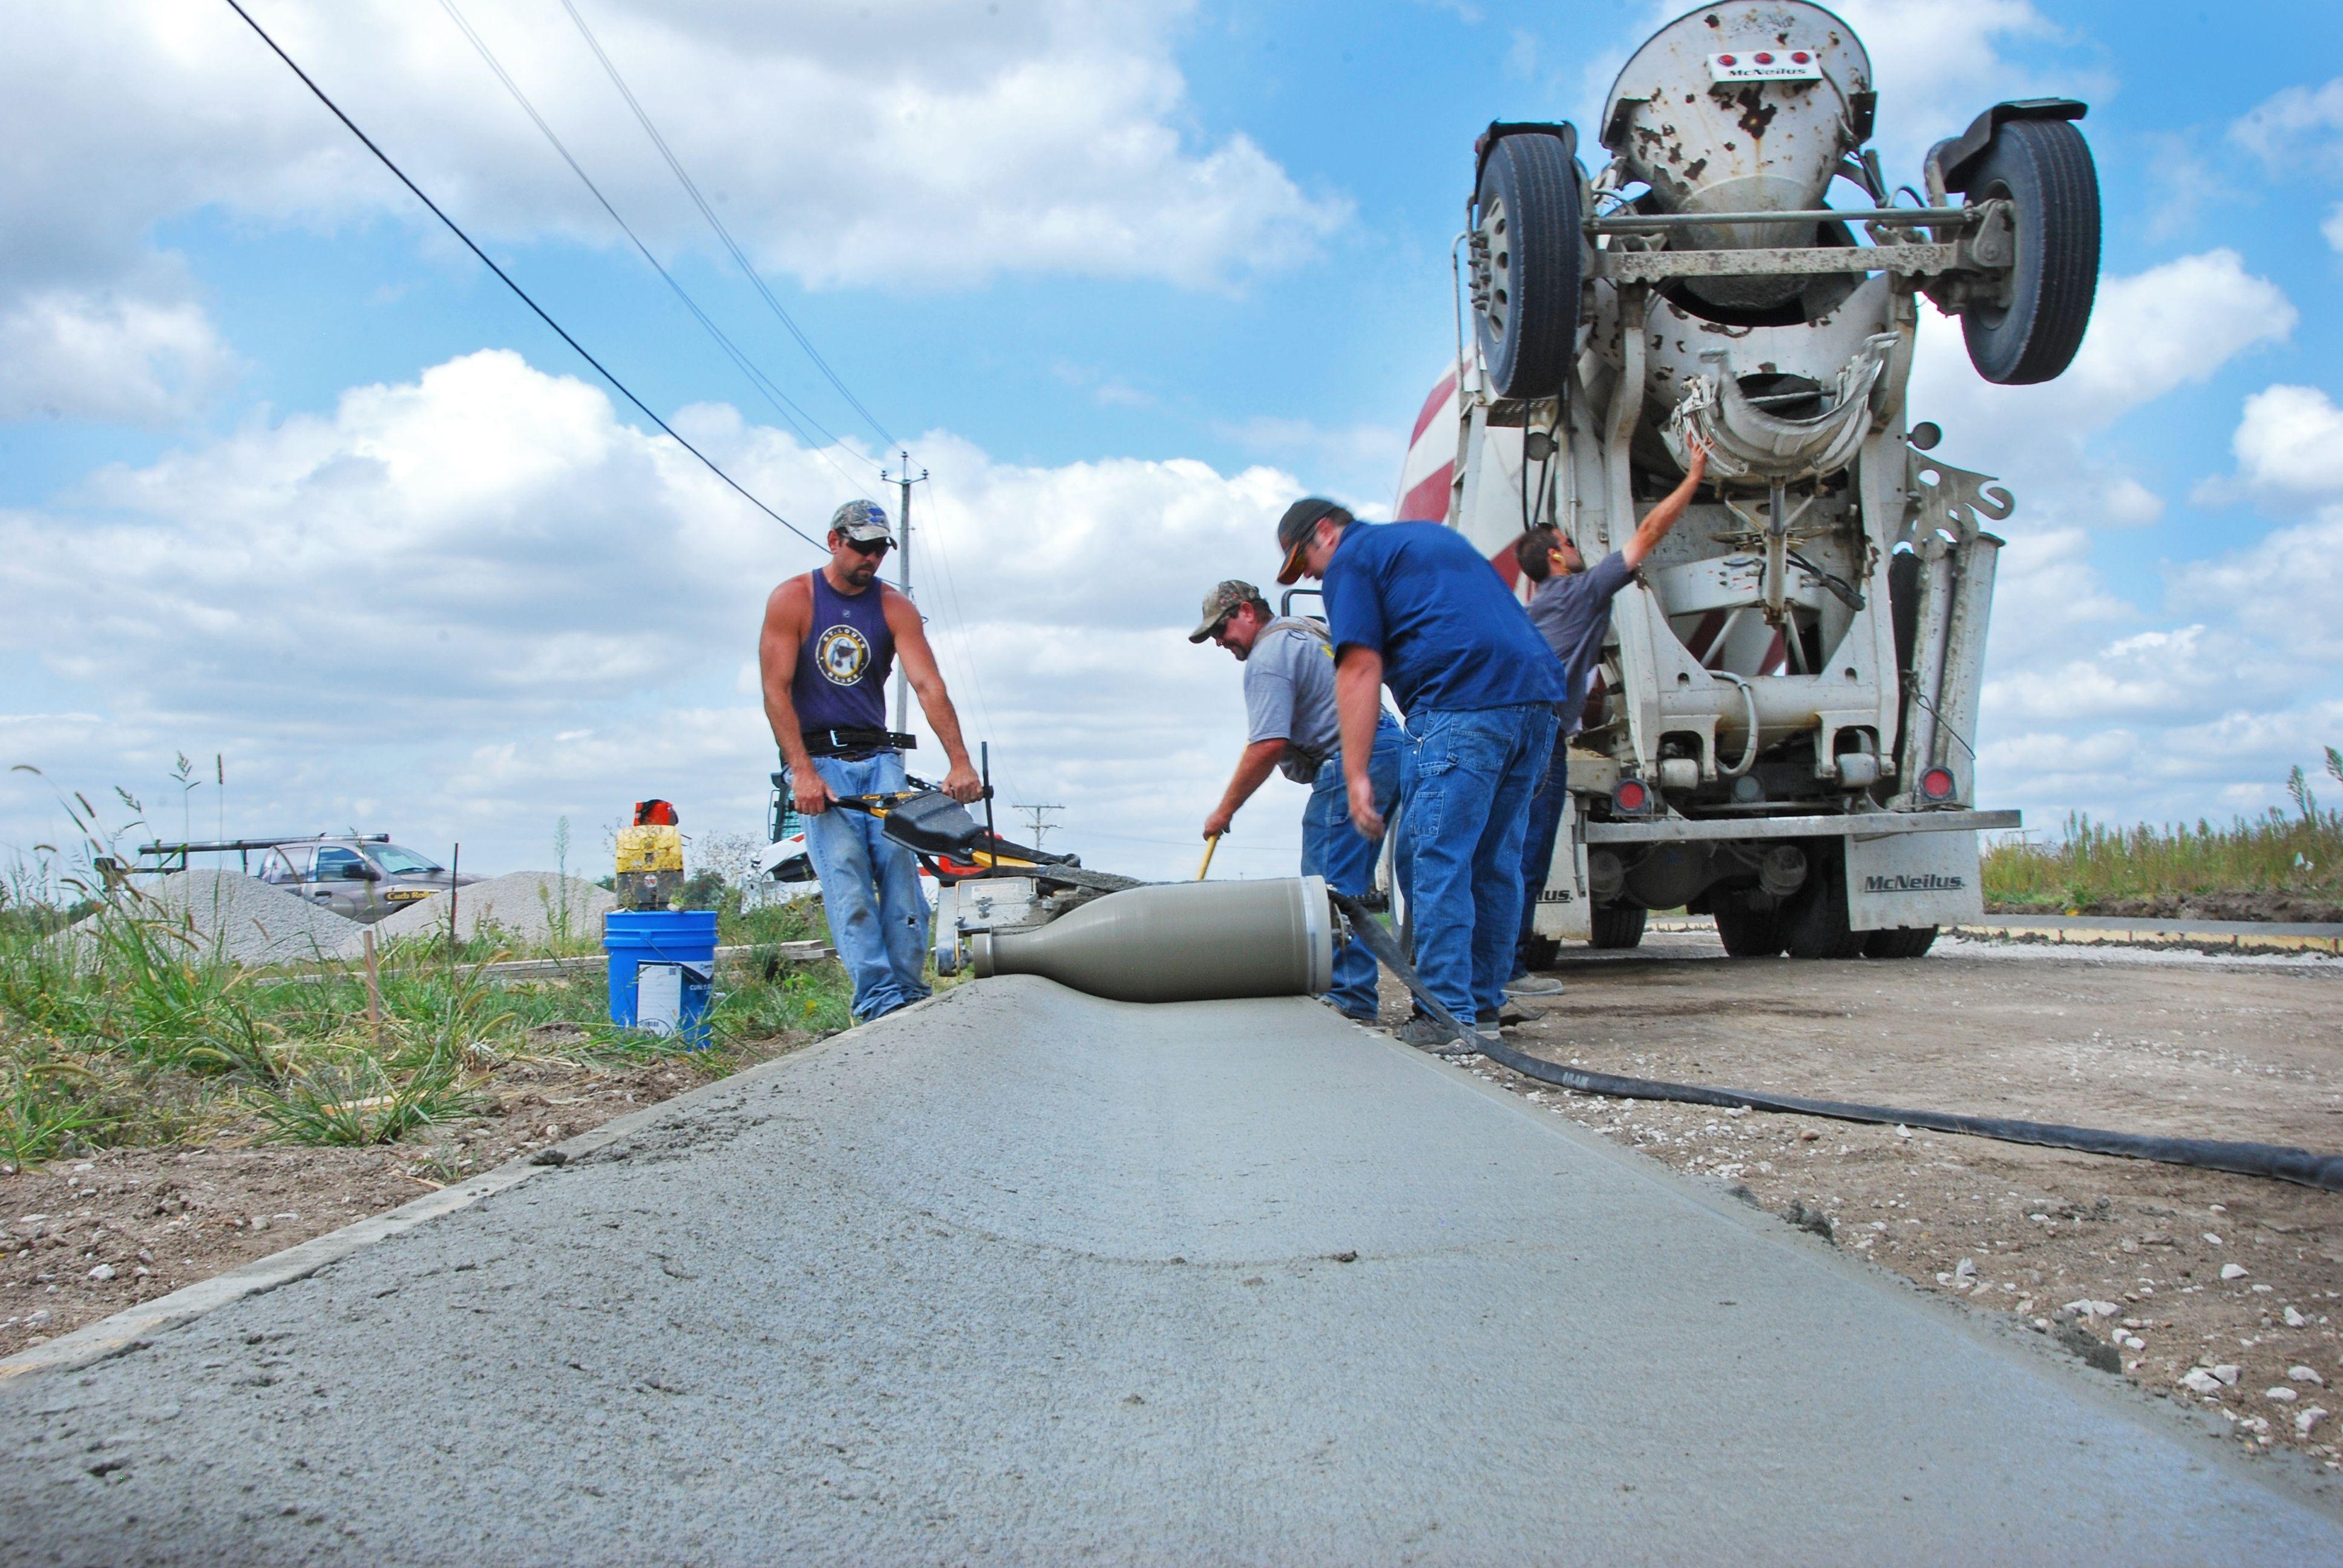 Curb Roller Cm4000 Roller Curbing Concrete Edging